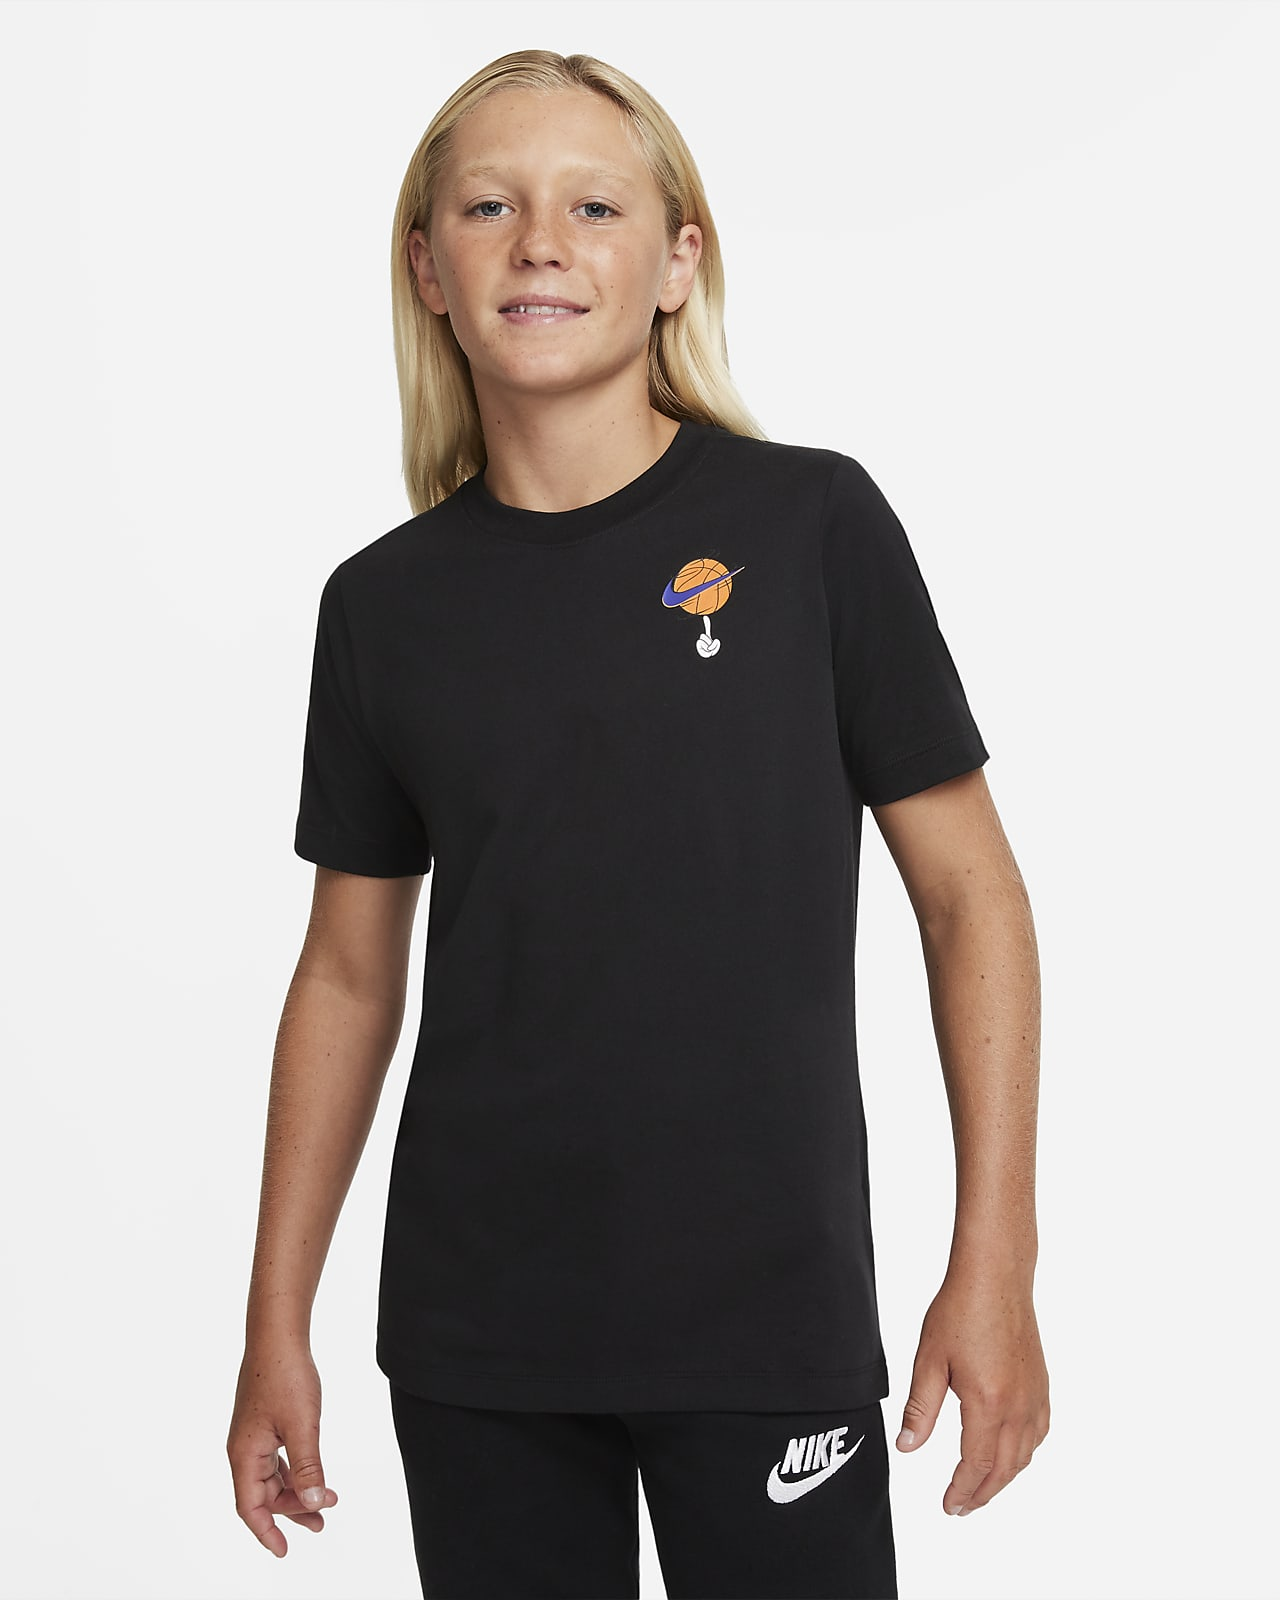 Nike Dri-FIT x Space Jam: A New Legacy Camiseta de entrenamiento - Niño/a